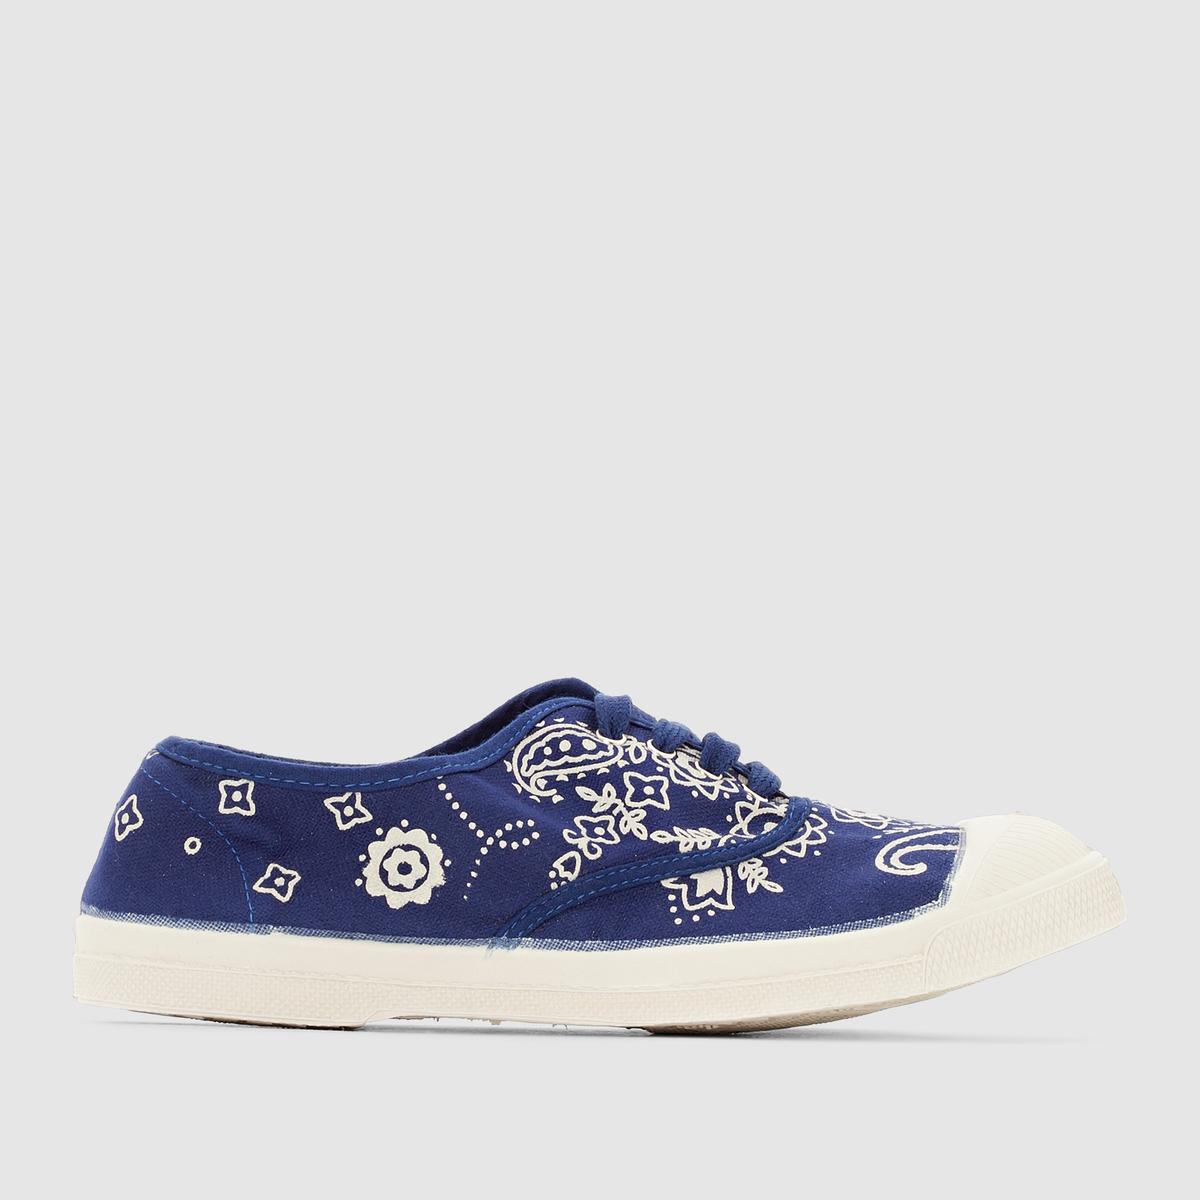 Кеды BandanaПреимущества : Кеды низкие от марки BENSIMON, из потрясающей ткани с декоративным контрастным узором на темно-синем фоне.<br><br>Цвет: темно-синий